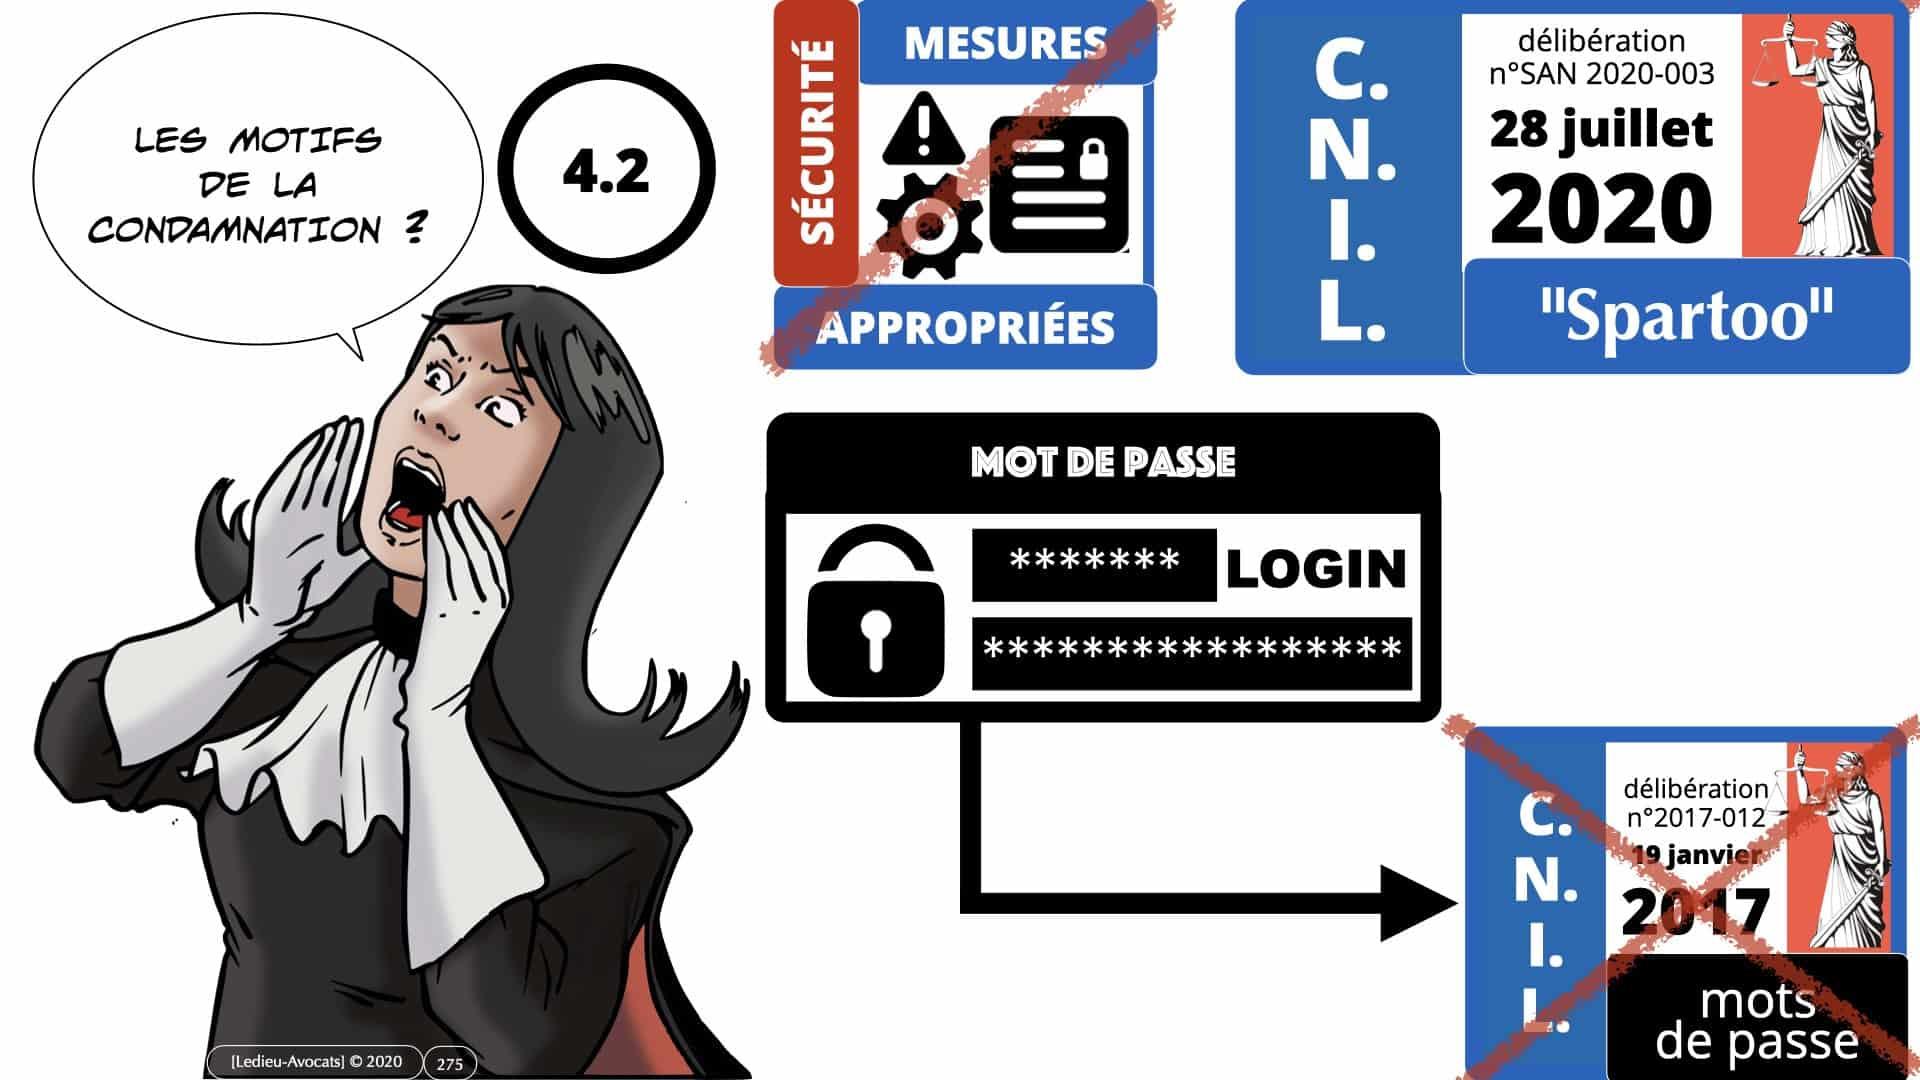 RGPD e-Privacy données personnelles jurisprudence formation Lamy Les Echos 10-02-2021 ©Ledieu-Avocats.275